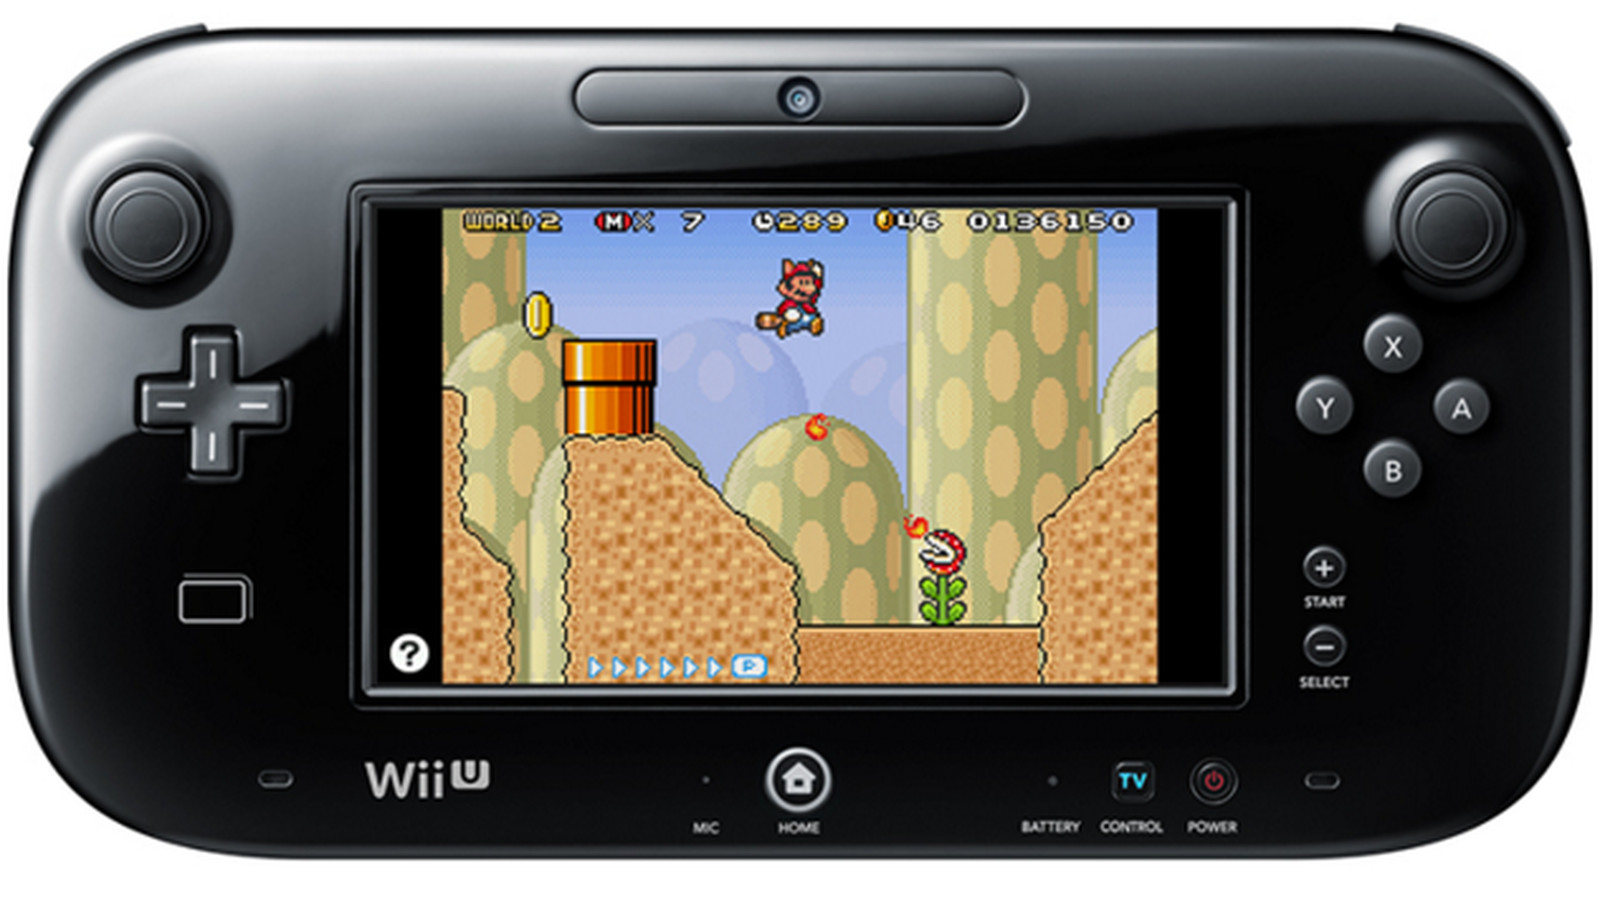 92cd8a6cf84 Super Mario Advance 4